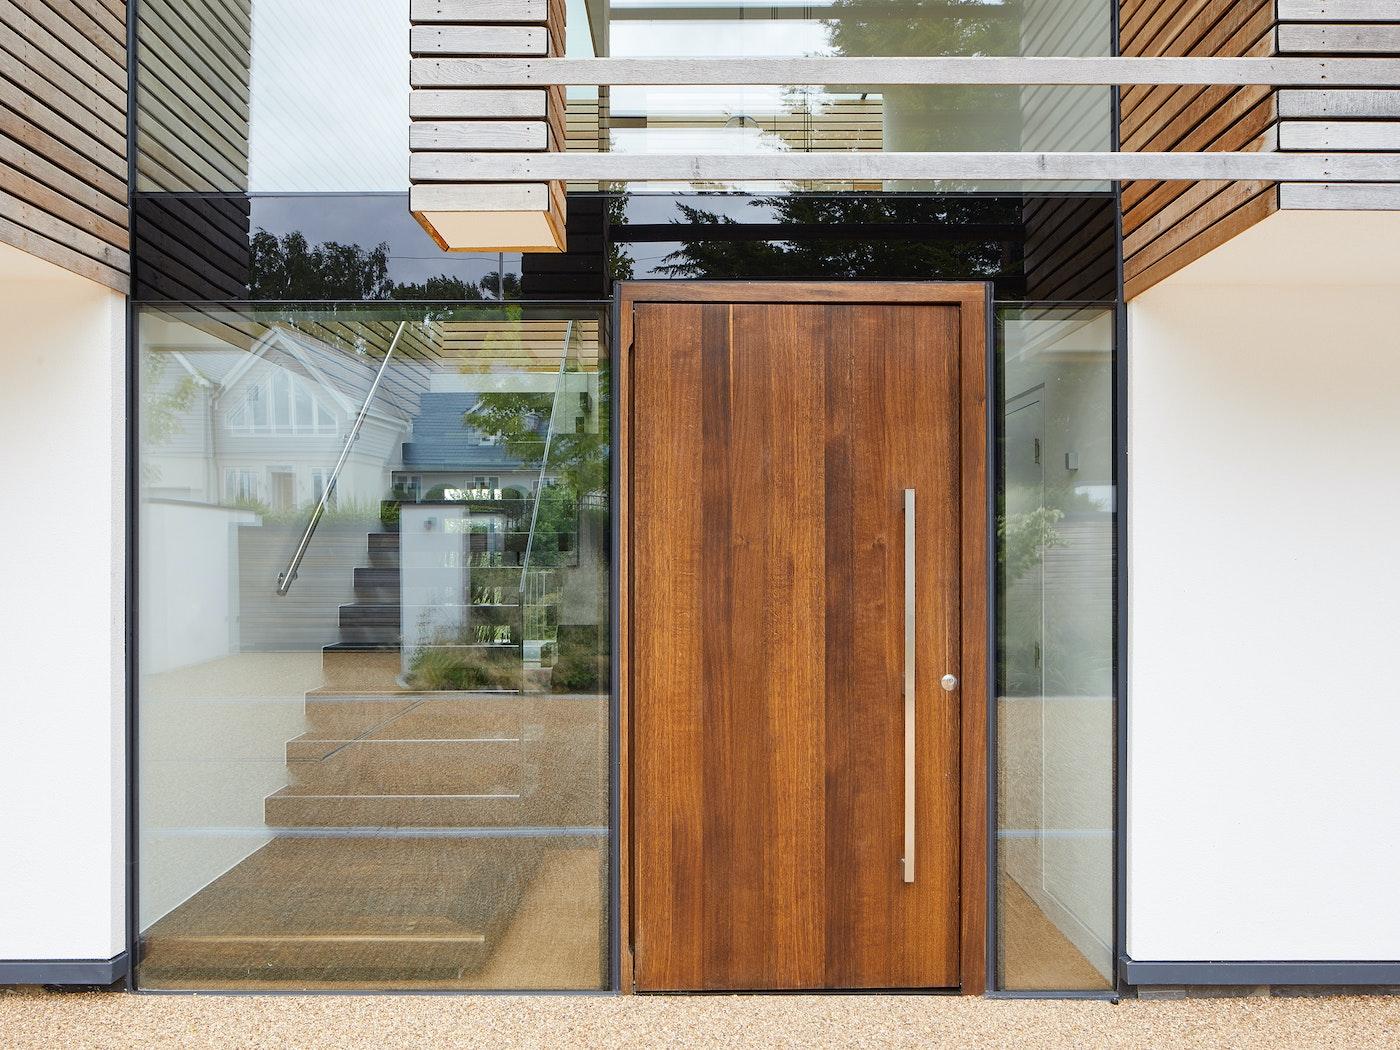 raw v design in frameless glass